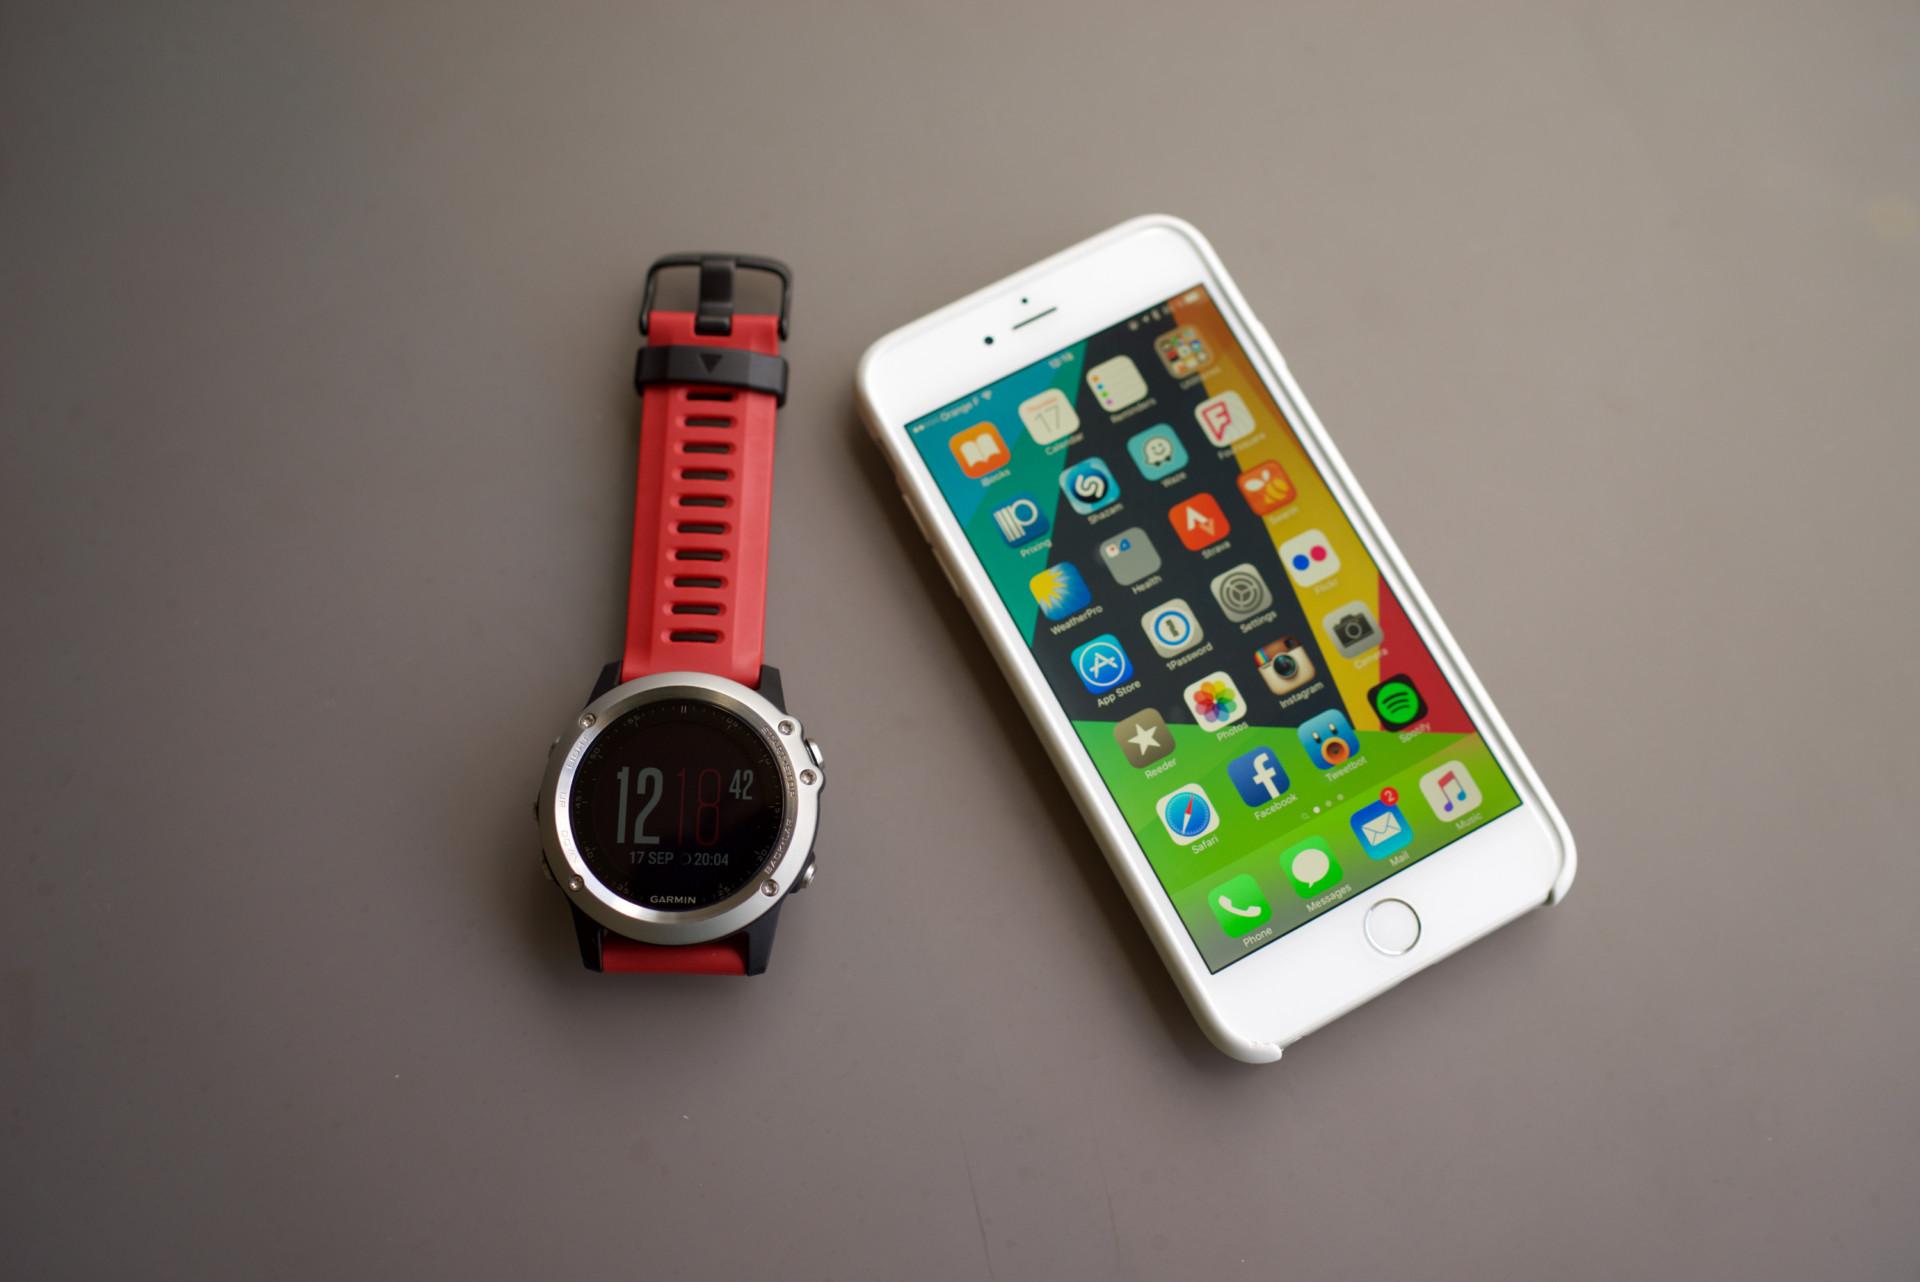 A Vendre Garmin Fenix 3 Et Iphone 6 Plus 128 Go